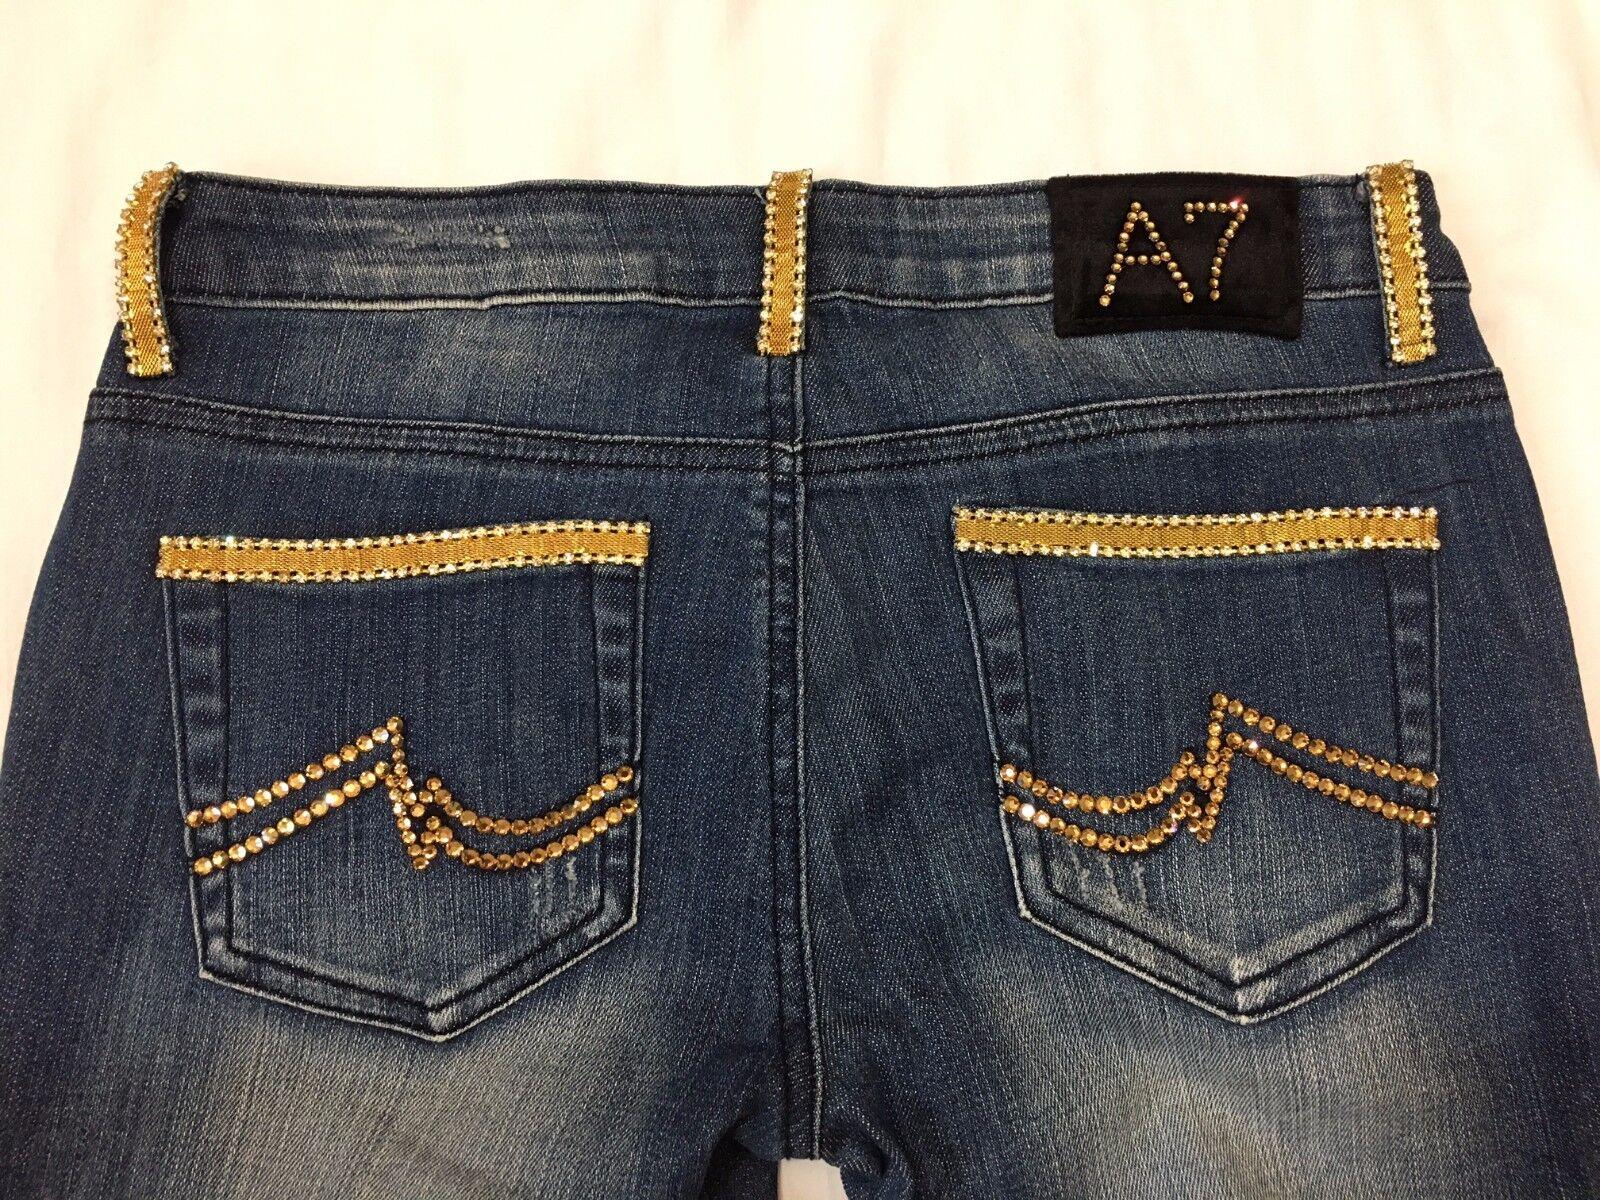 A7 Designer Denim Embellished Bling Skinny Stretch Jeans gold Swarovski Crystal